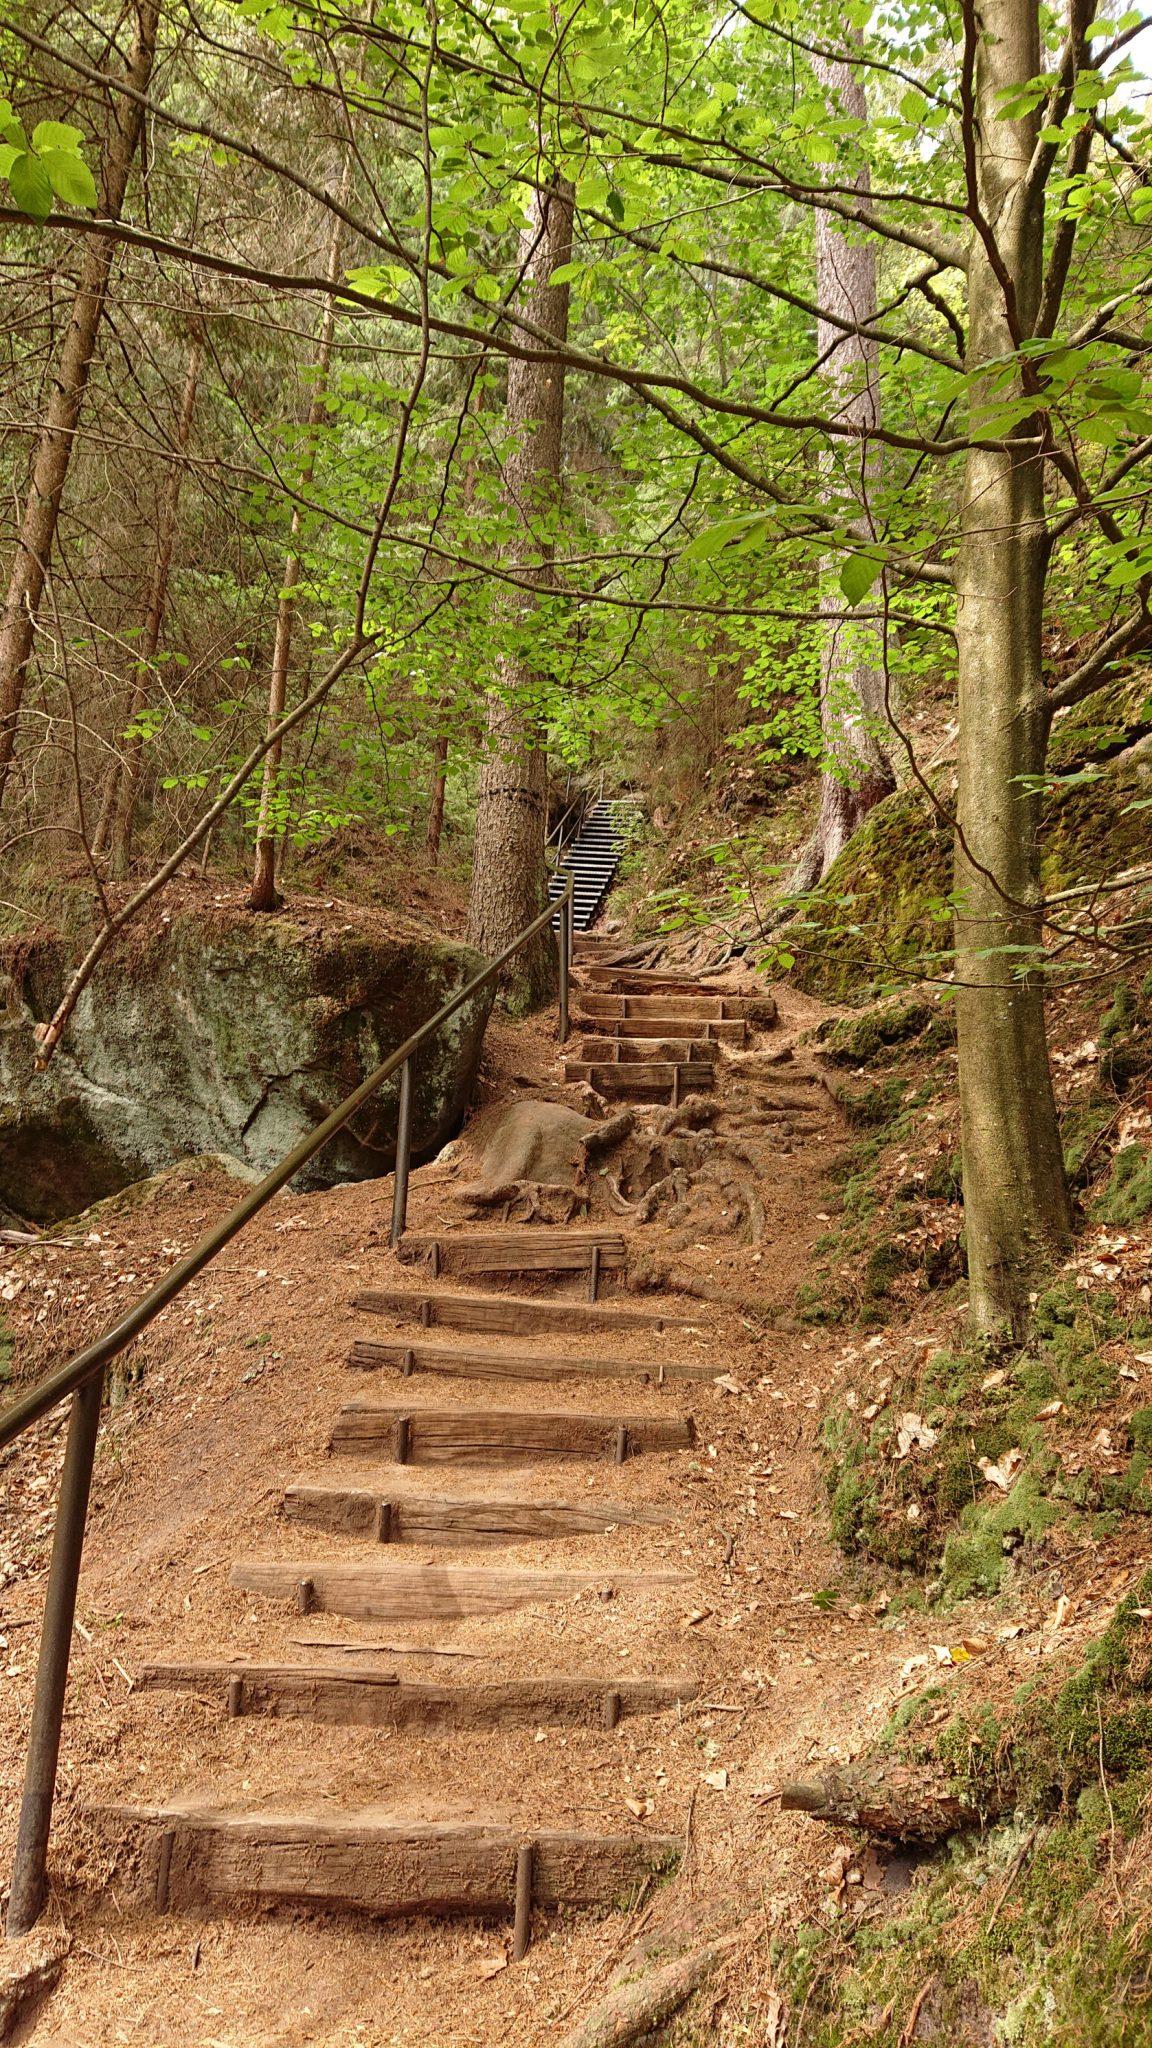 Kirnitzschklamm Hermanseck und Königsplatz im Kirnitzschtal wandern, Wanderweg im Wanderparadies Sächsische Schweiz mit vielen tollen Aussichten, riesiger Felsennationalpark, immer wieder viele Treppen zu überwinden